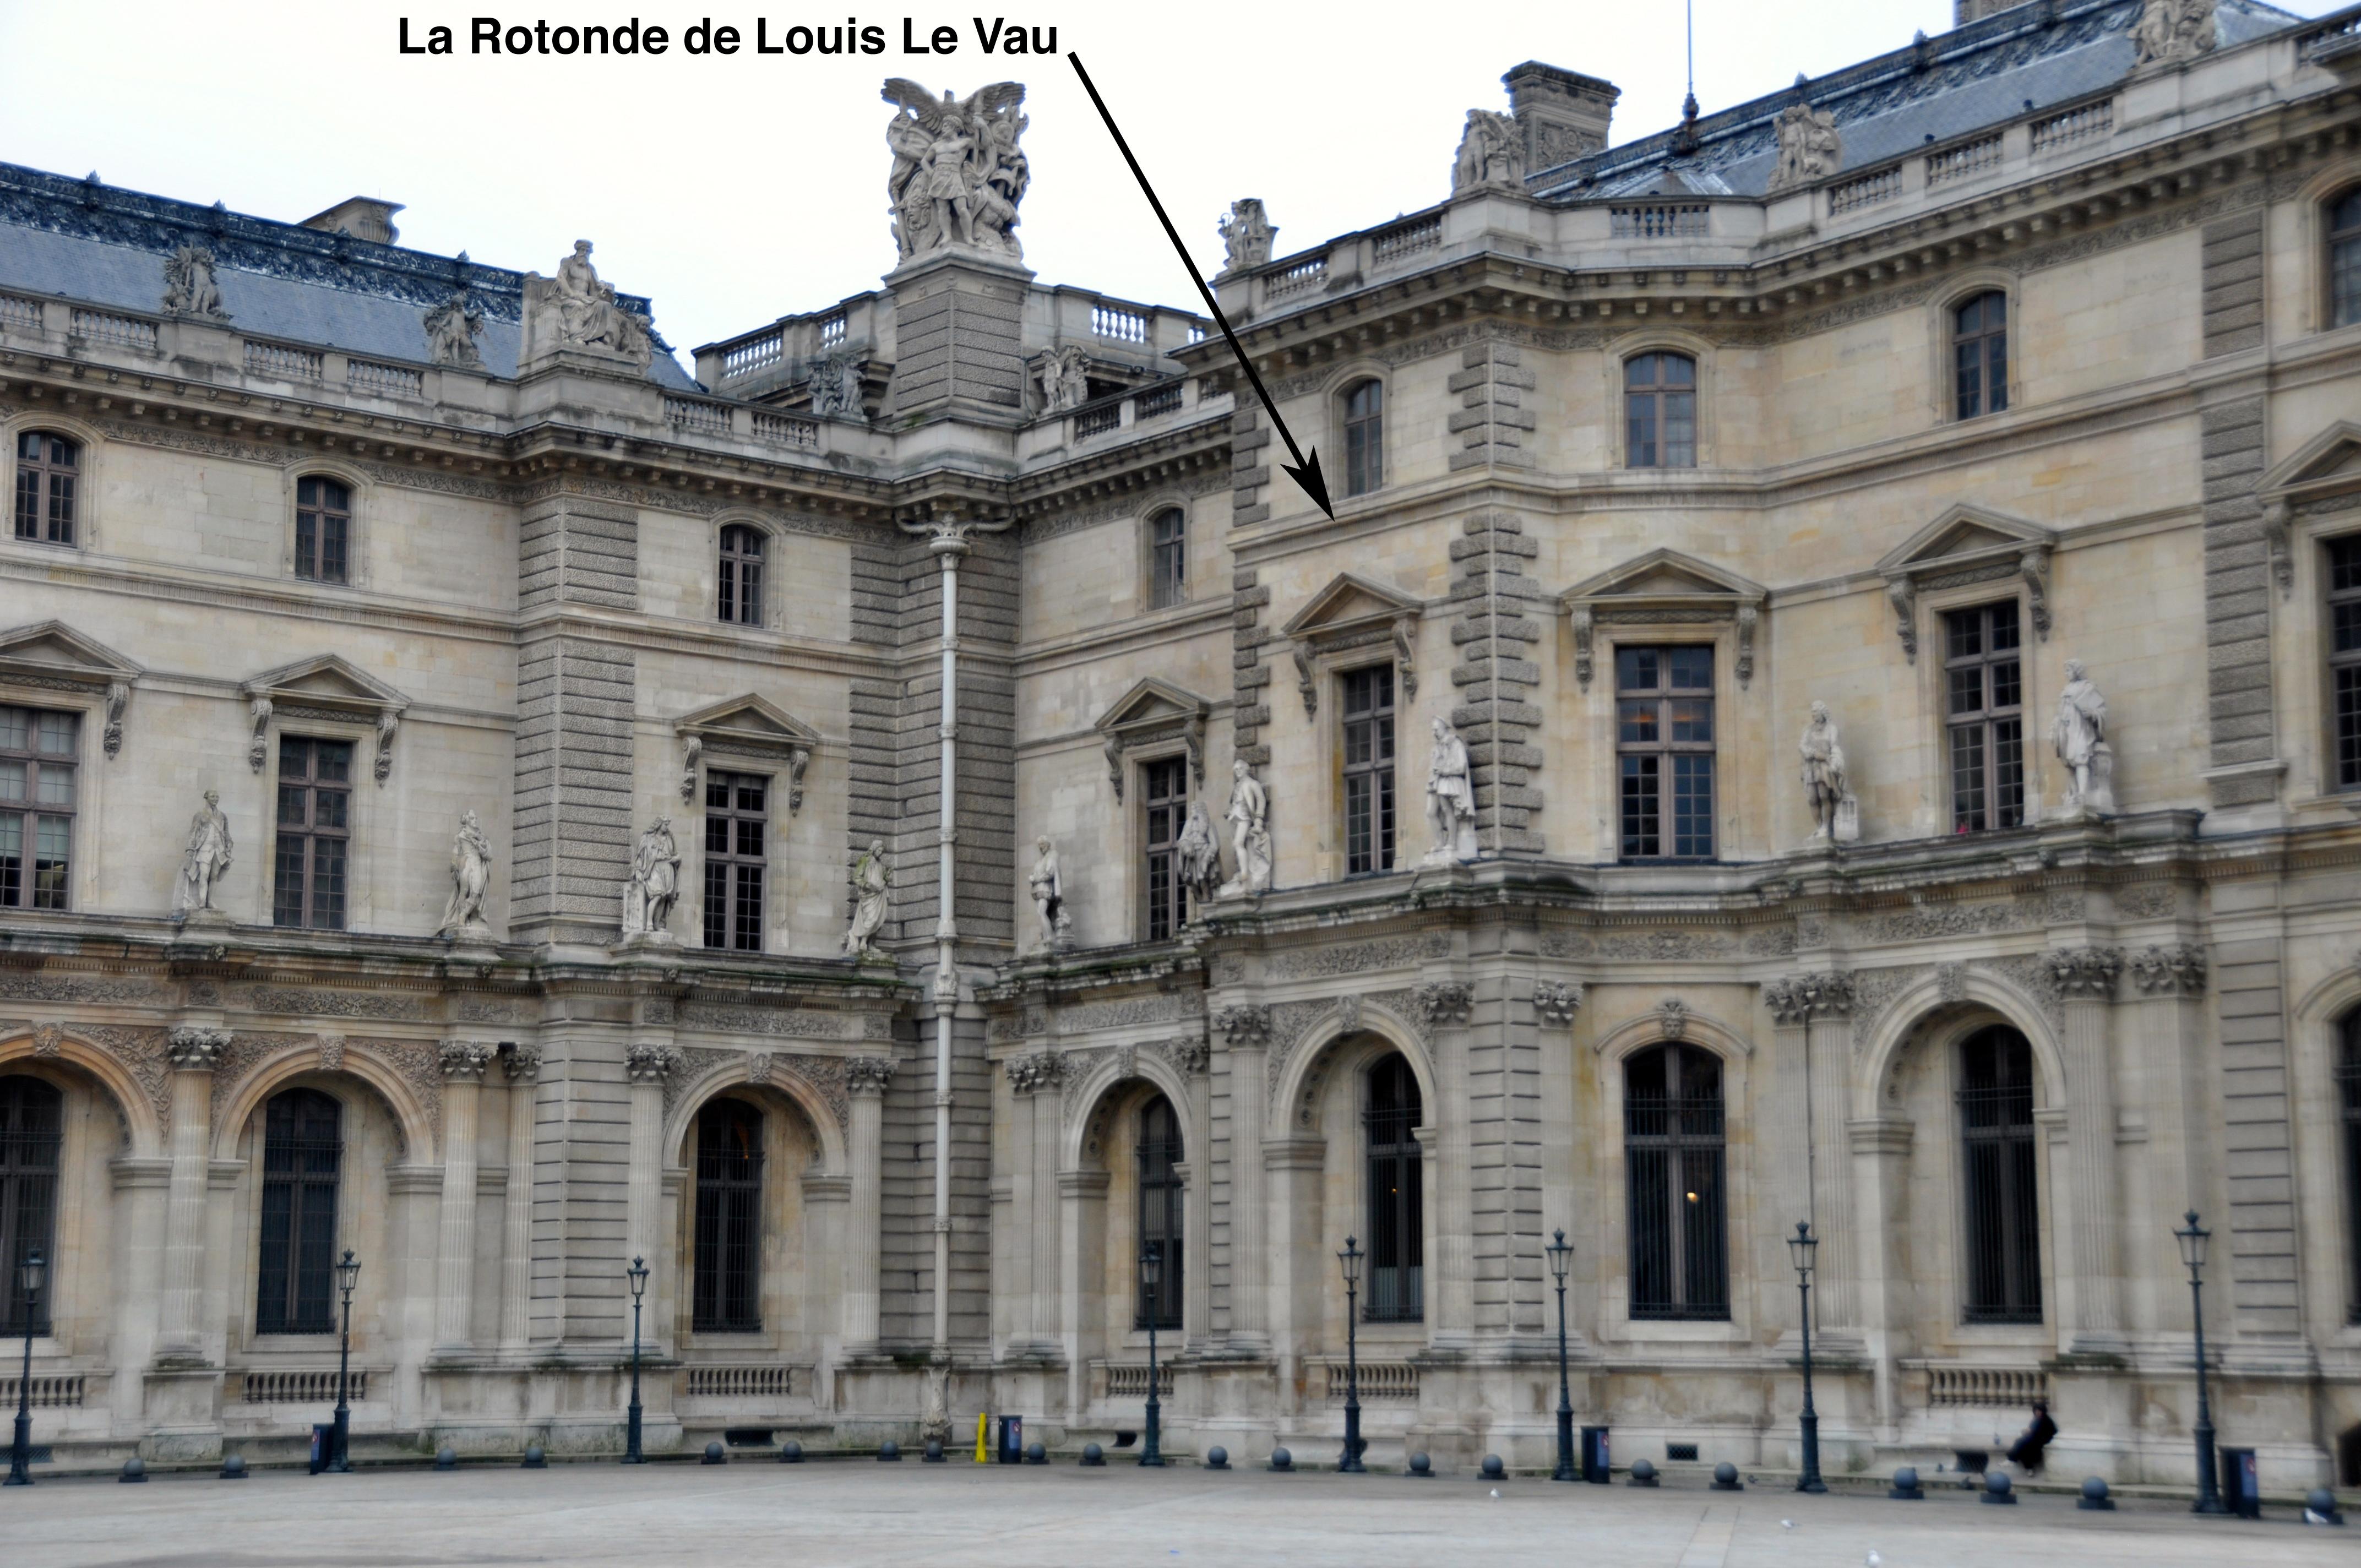 La Rotonde de Louis Le Vau, Le Louvre, Paris